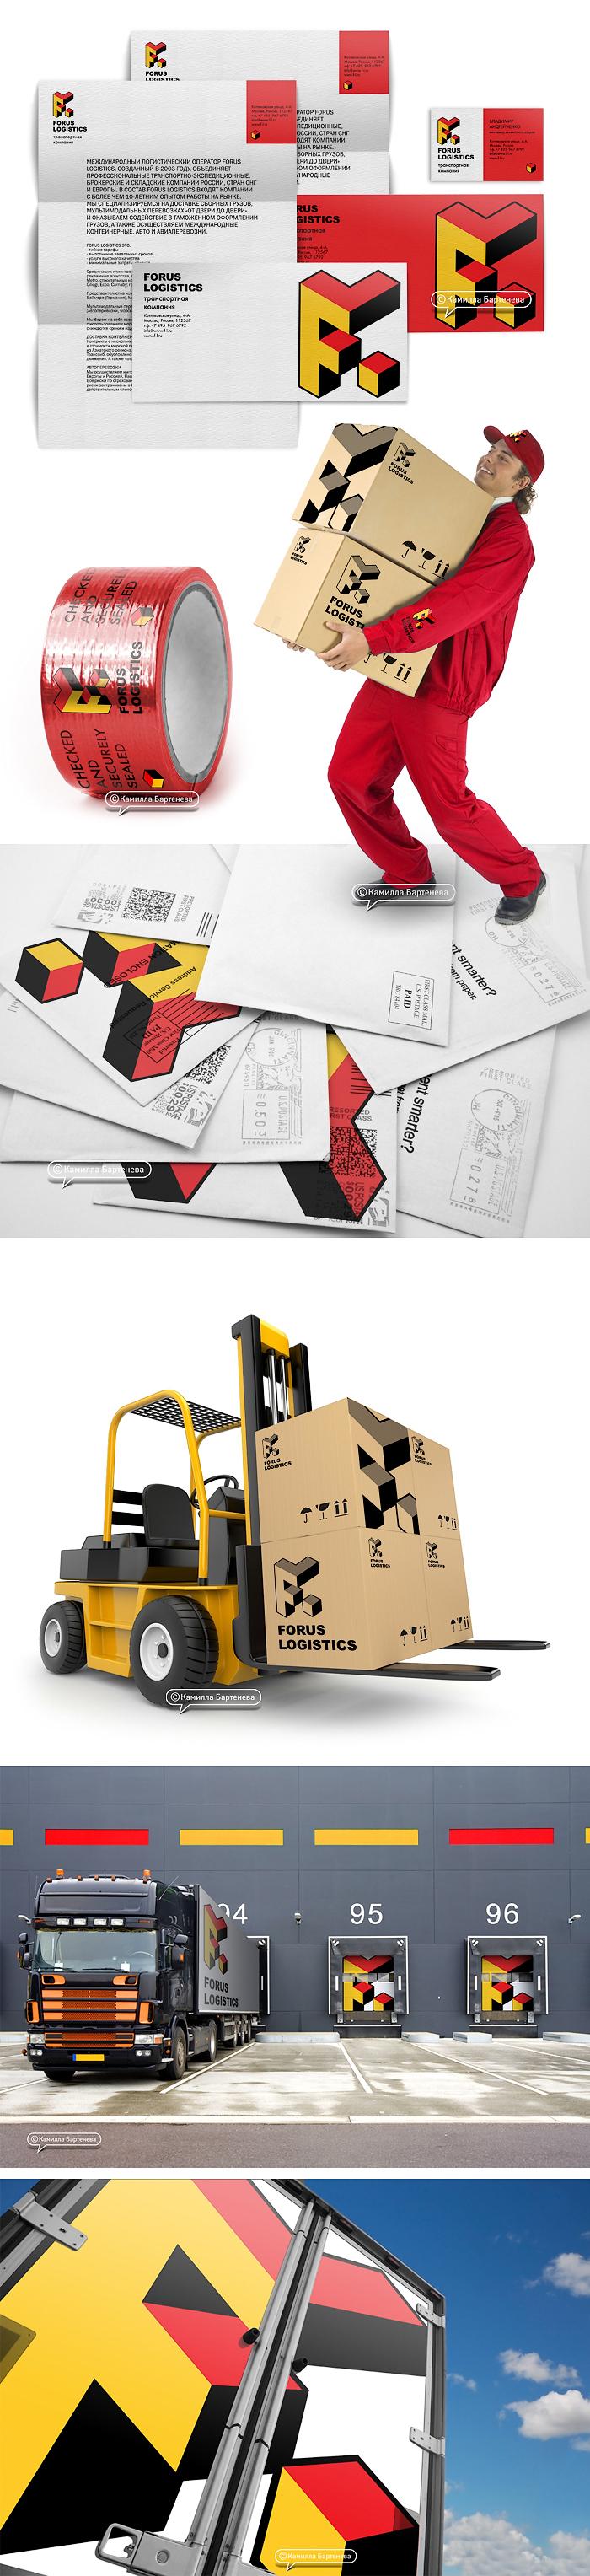 Forus Logistics транспортная компания